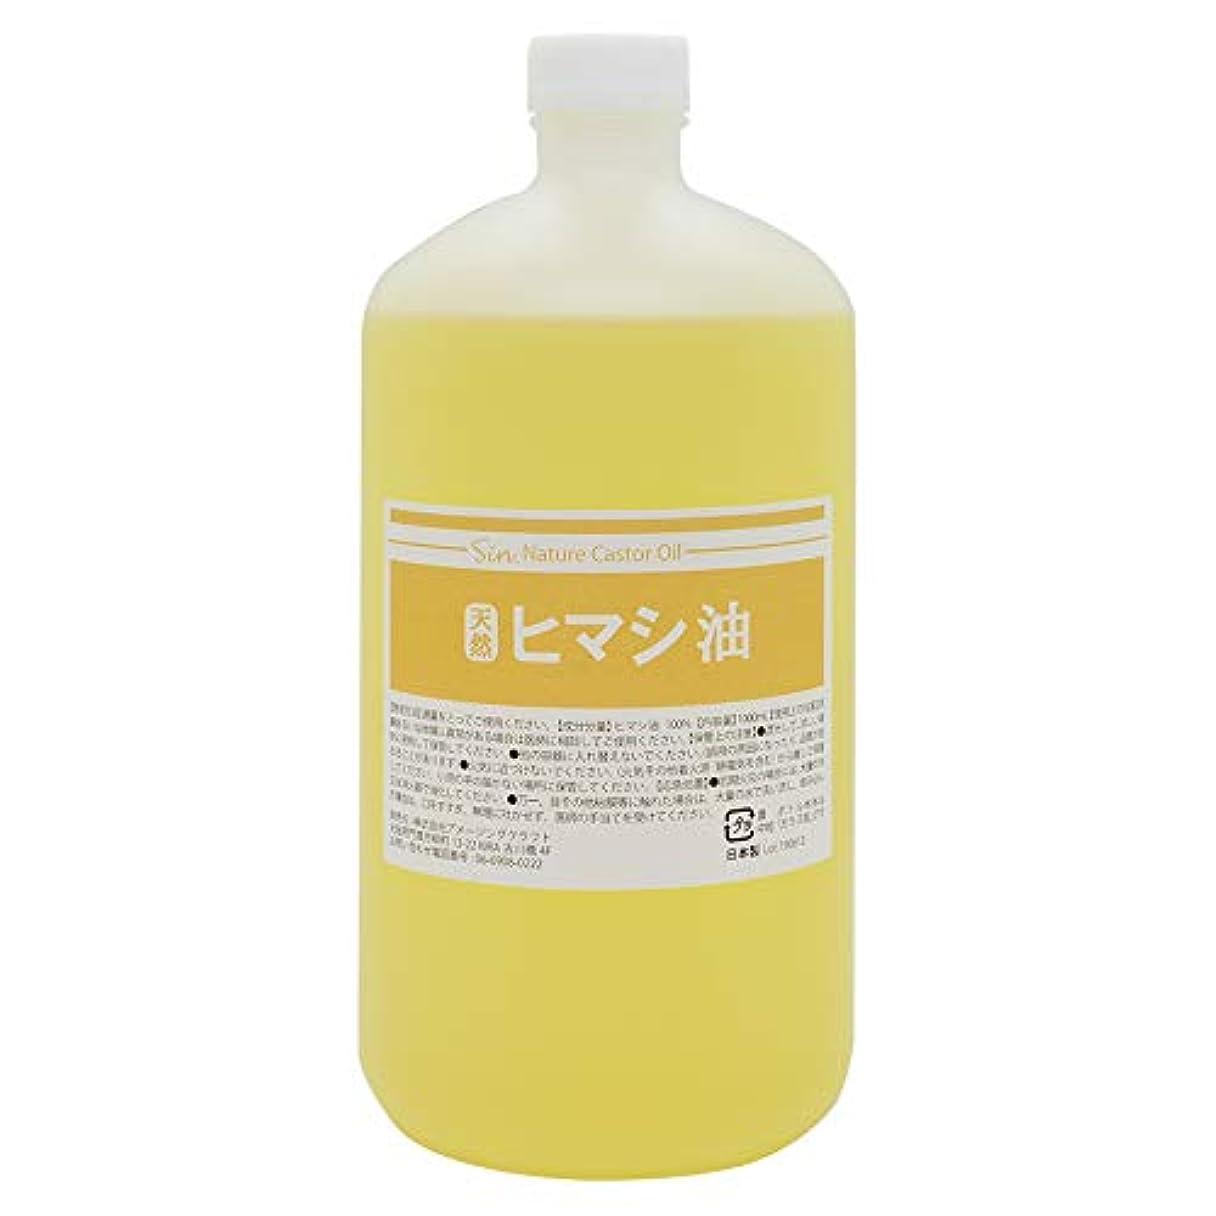 ワイプレッスン想像する天然無添加 国内精製 ひまし油 1000ml (ヒマシ油 キャスターオイル)